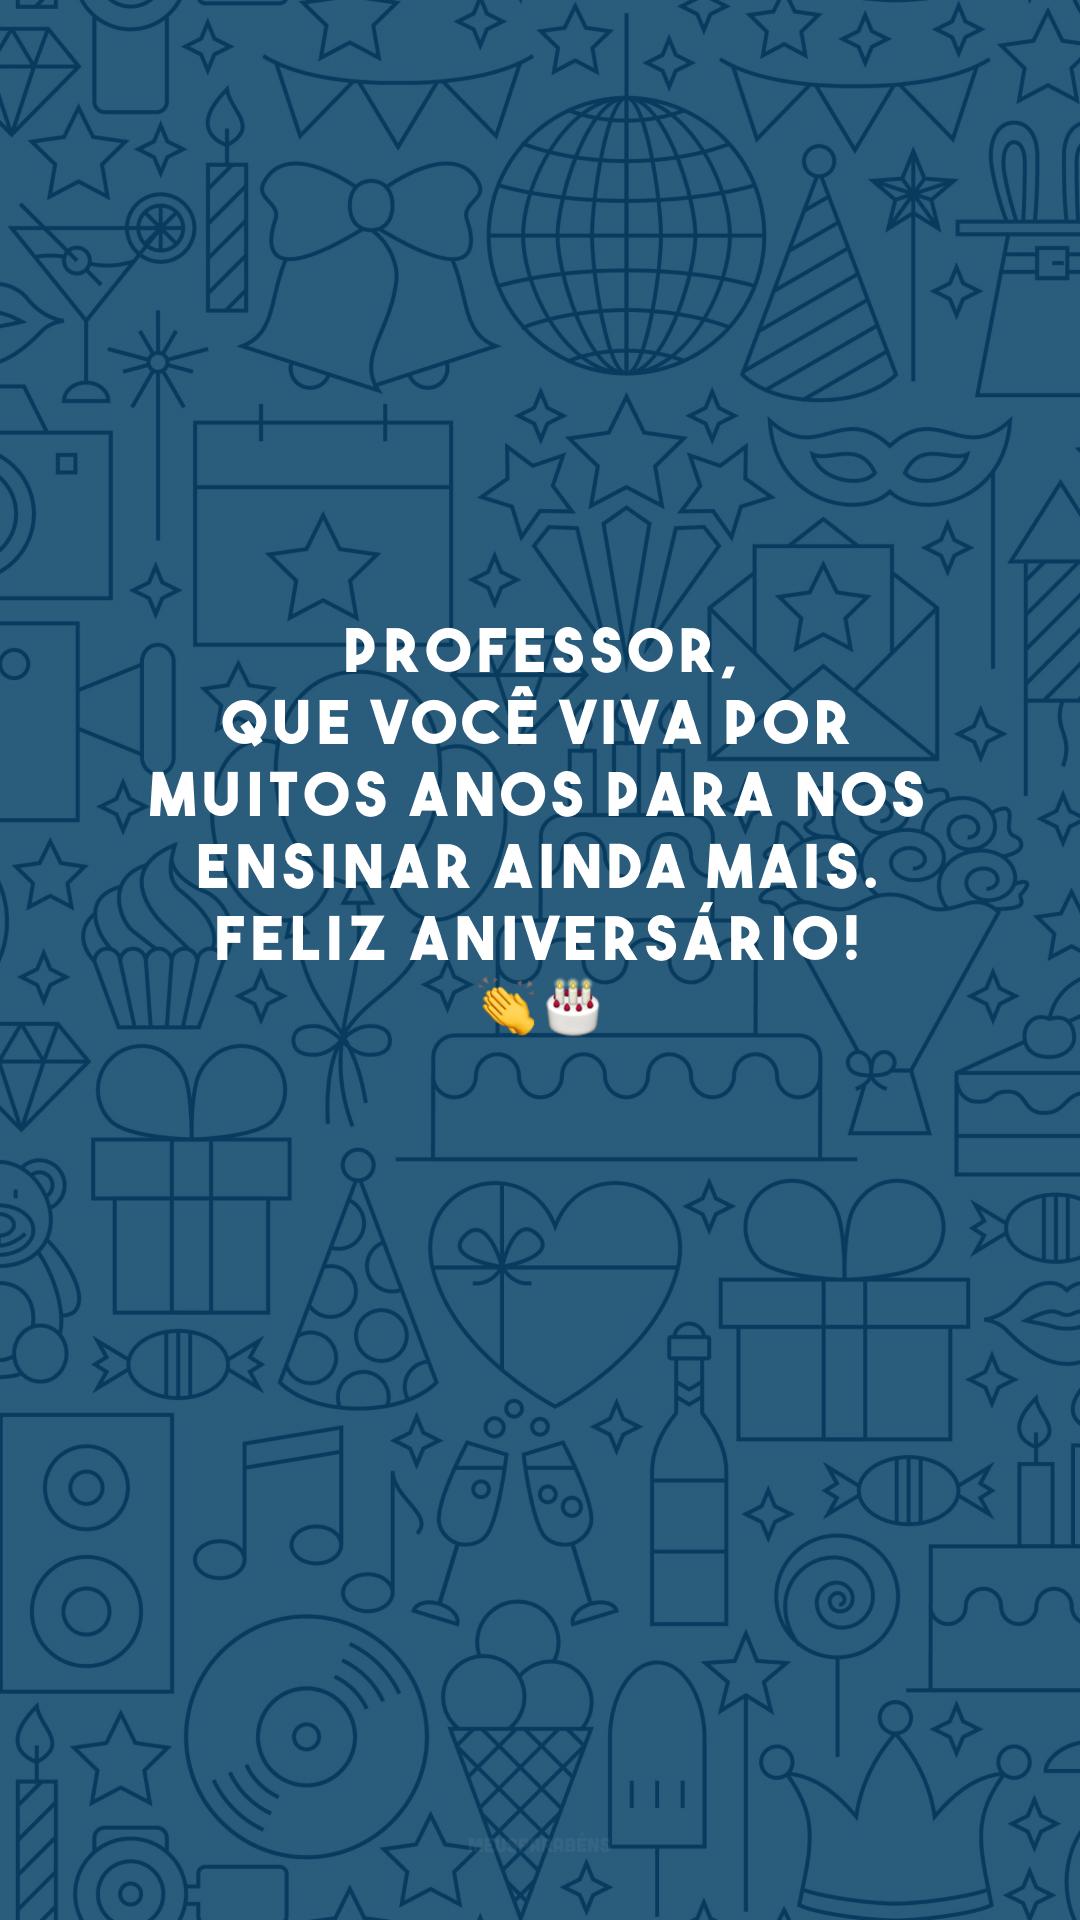 Professor, que você viva por muitos anos para nos ensinar ainda mais. Feliz aniversário! 👏🎂